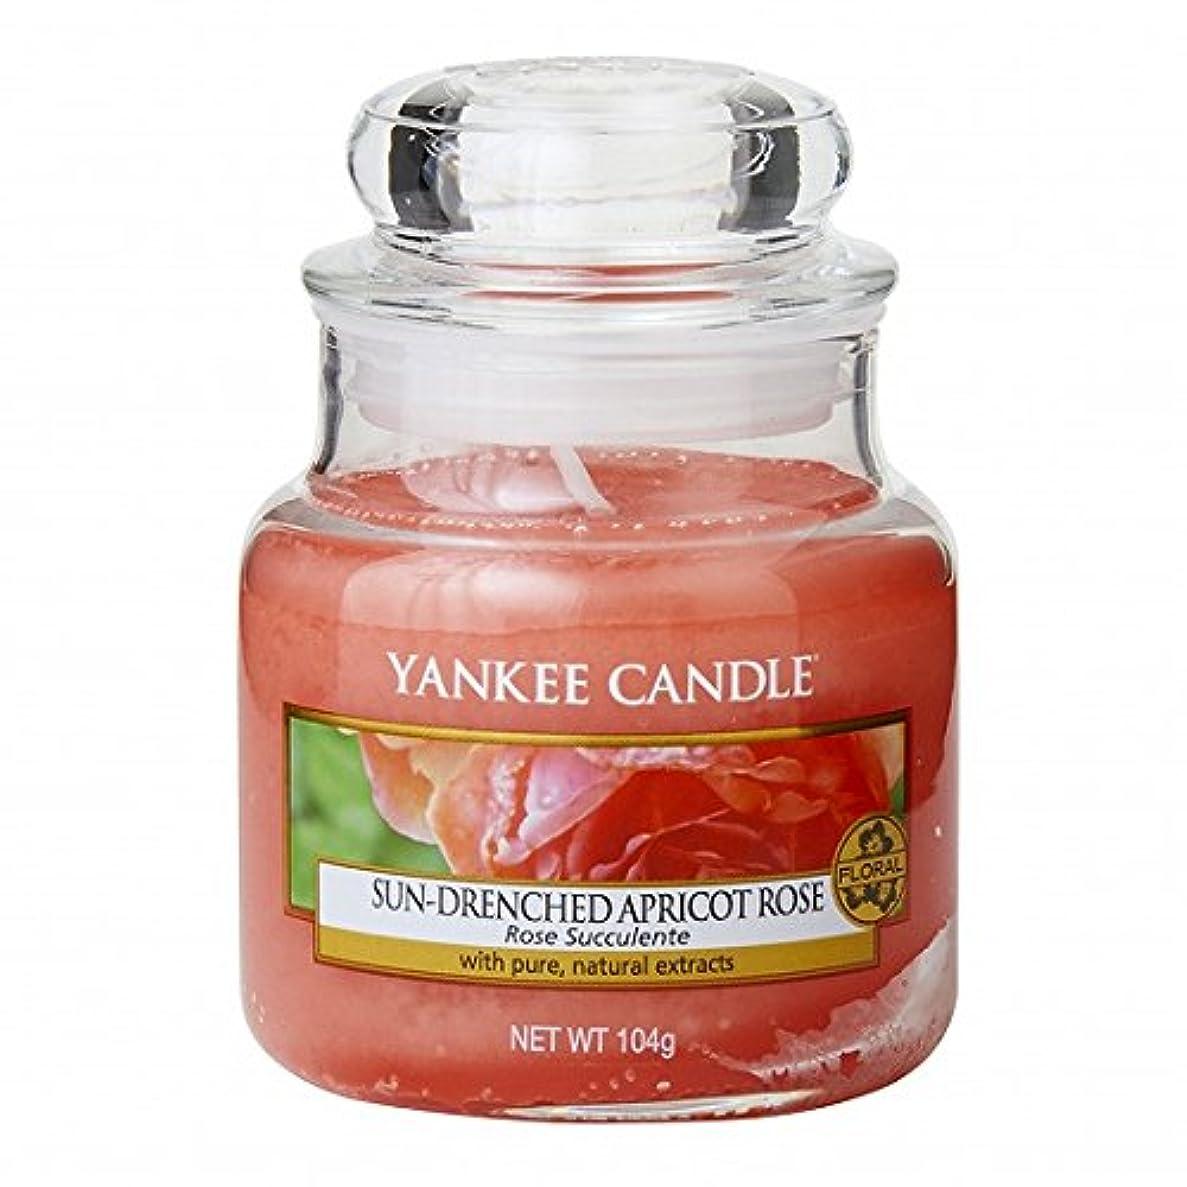 自由フォルダ慣性ヤンキーキャンドル( YANKEE CANDLE ) YANKEE CANDLEジャーS 「 サンドレンチドアプリコットローズ 」K00305316